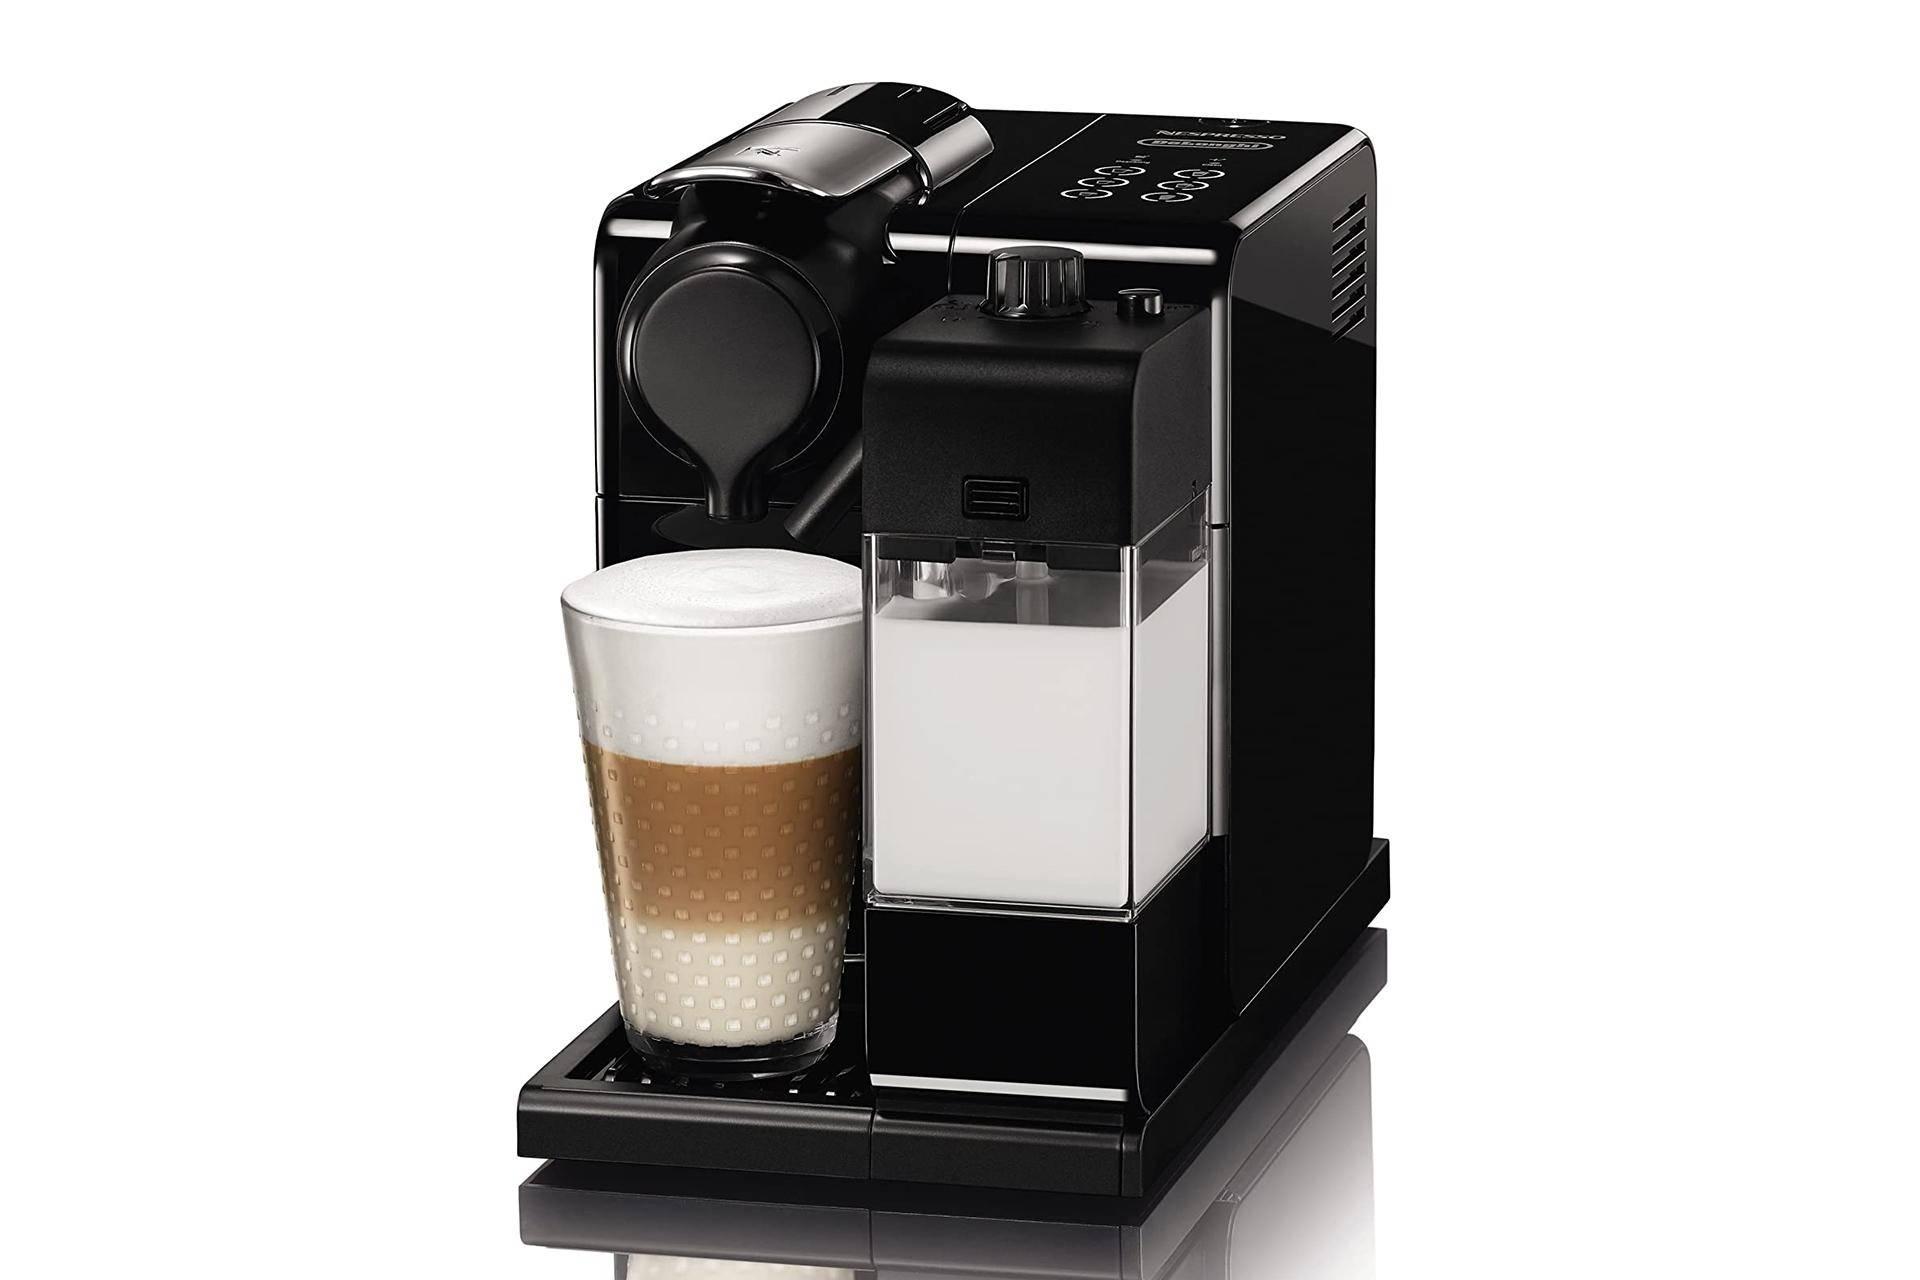 Delonghi en 85 nespresso essenza mini – самая маленькая кофемашина неспрессо. обзор от эксперта